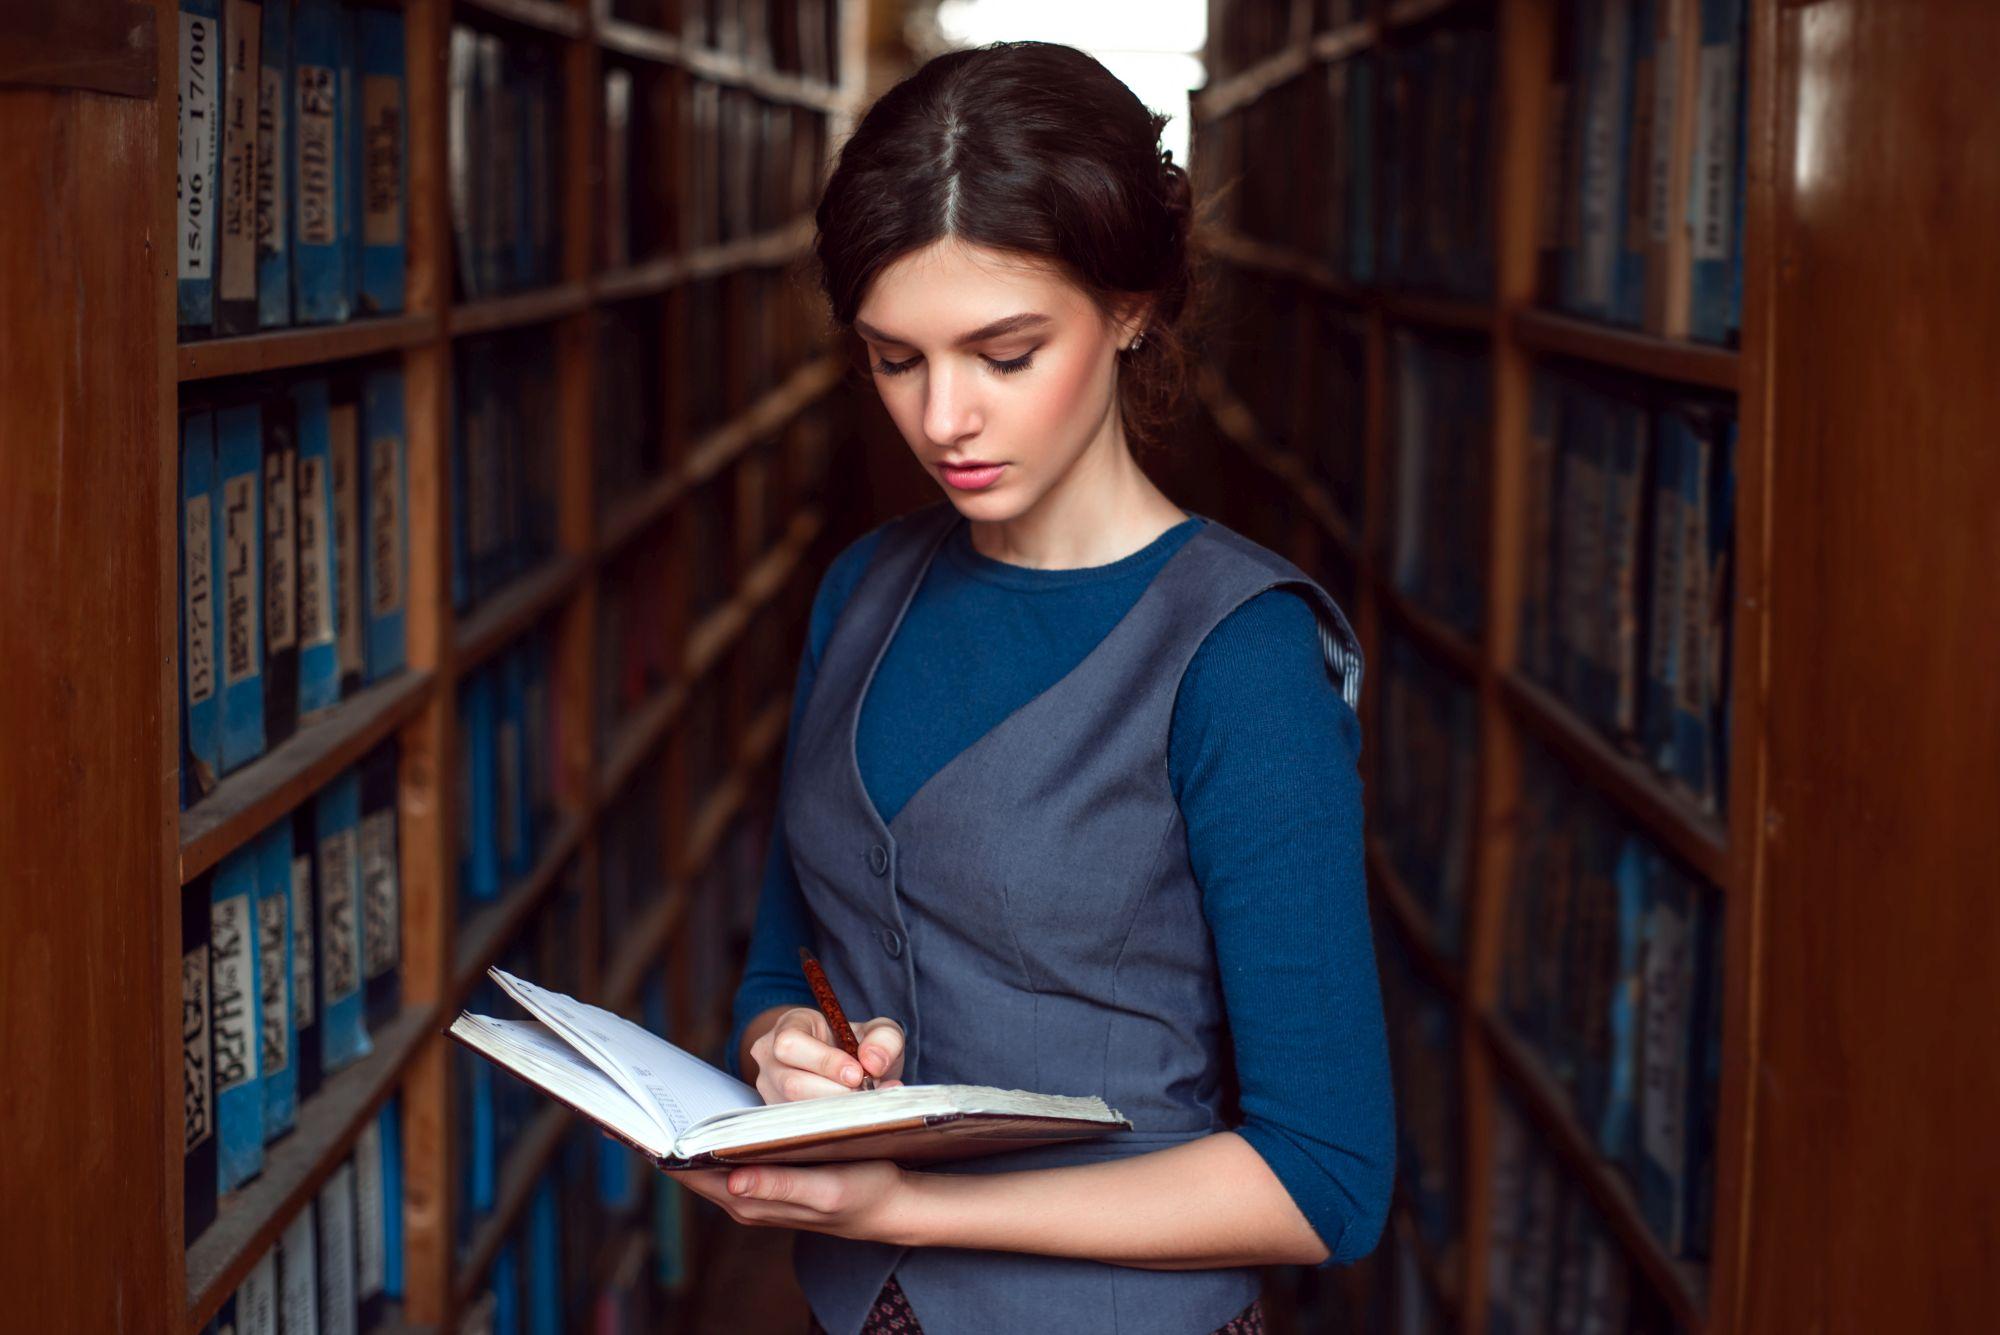 Biblioteka-zaczytanyksiazkoholik.pl